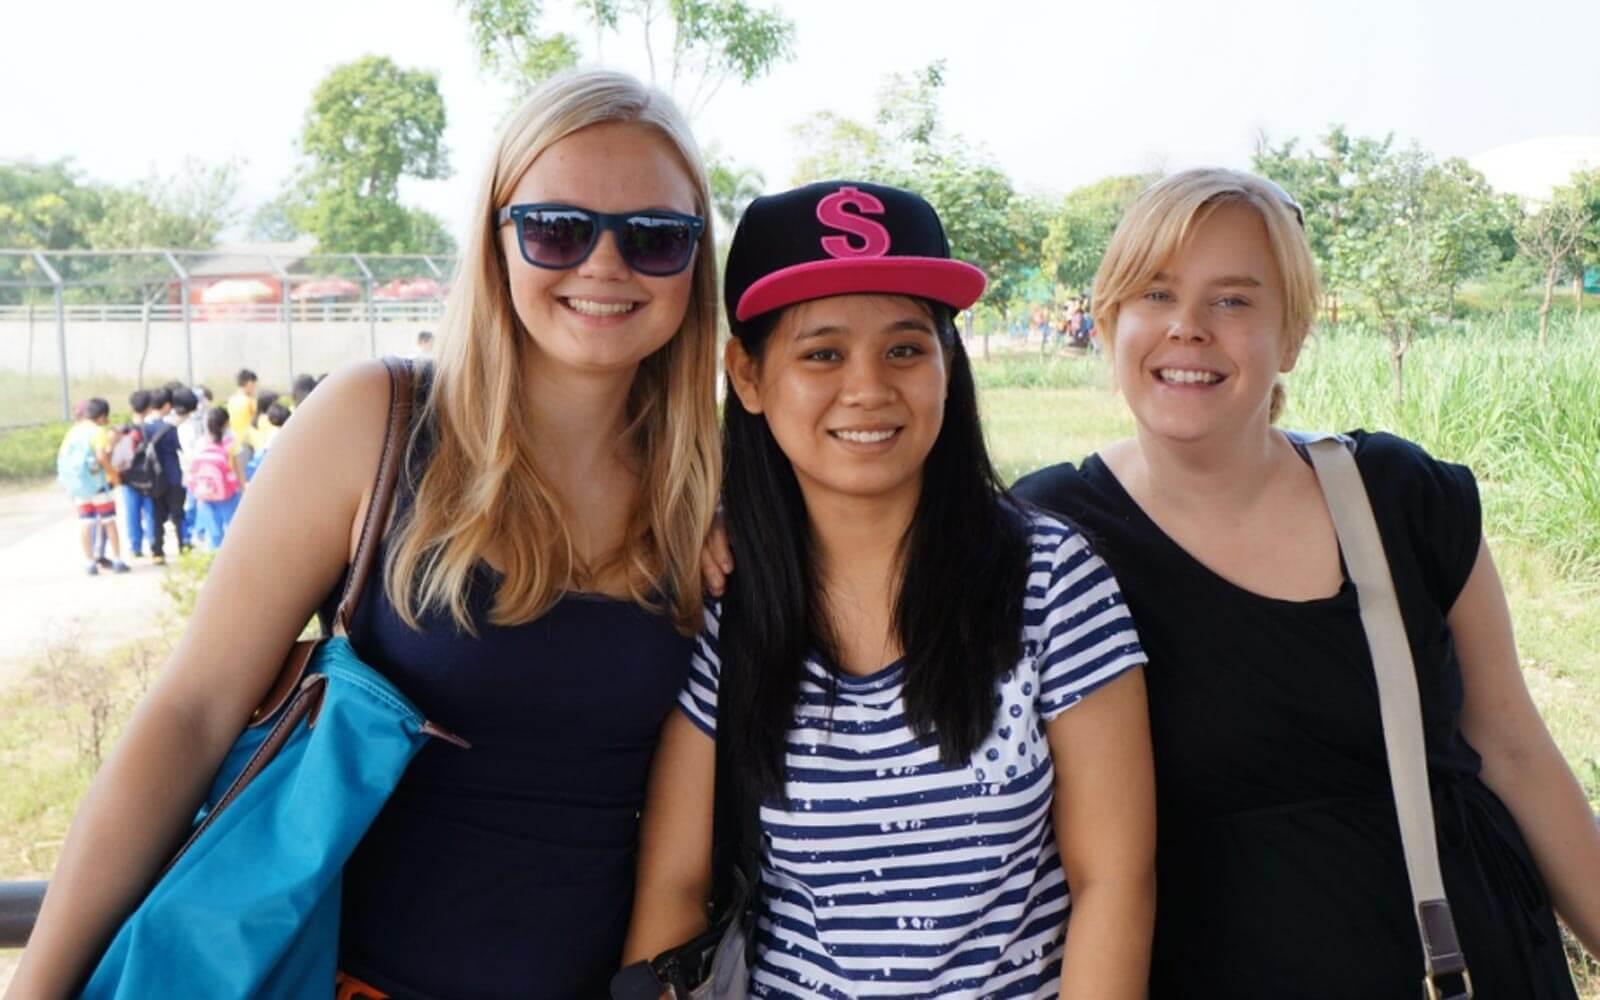 Hanna mit ihren Freundinnen in China